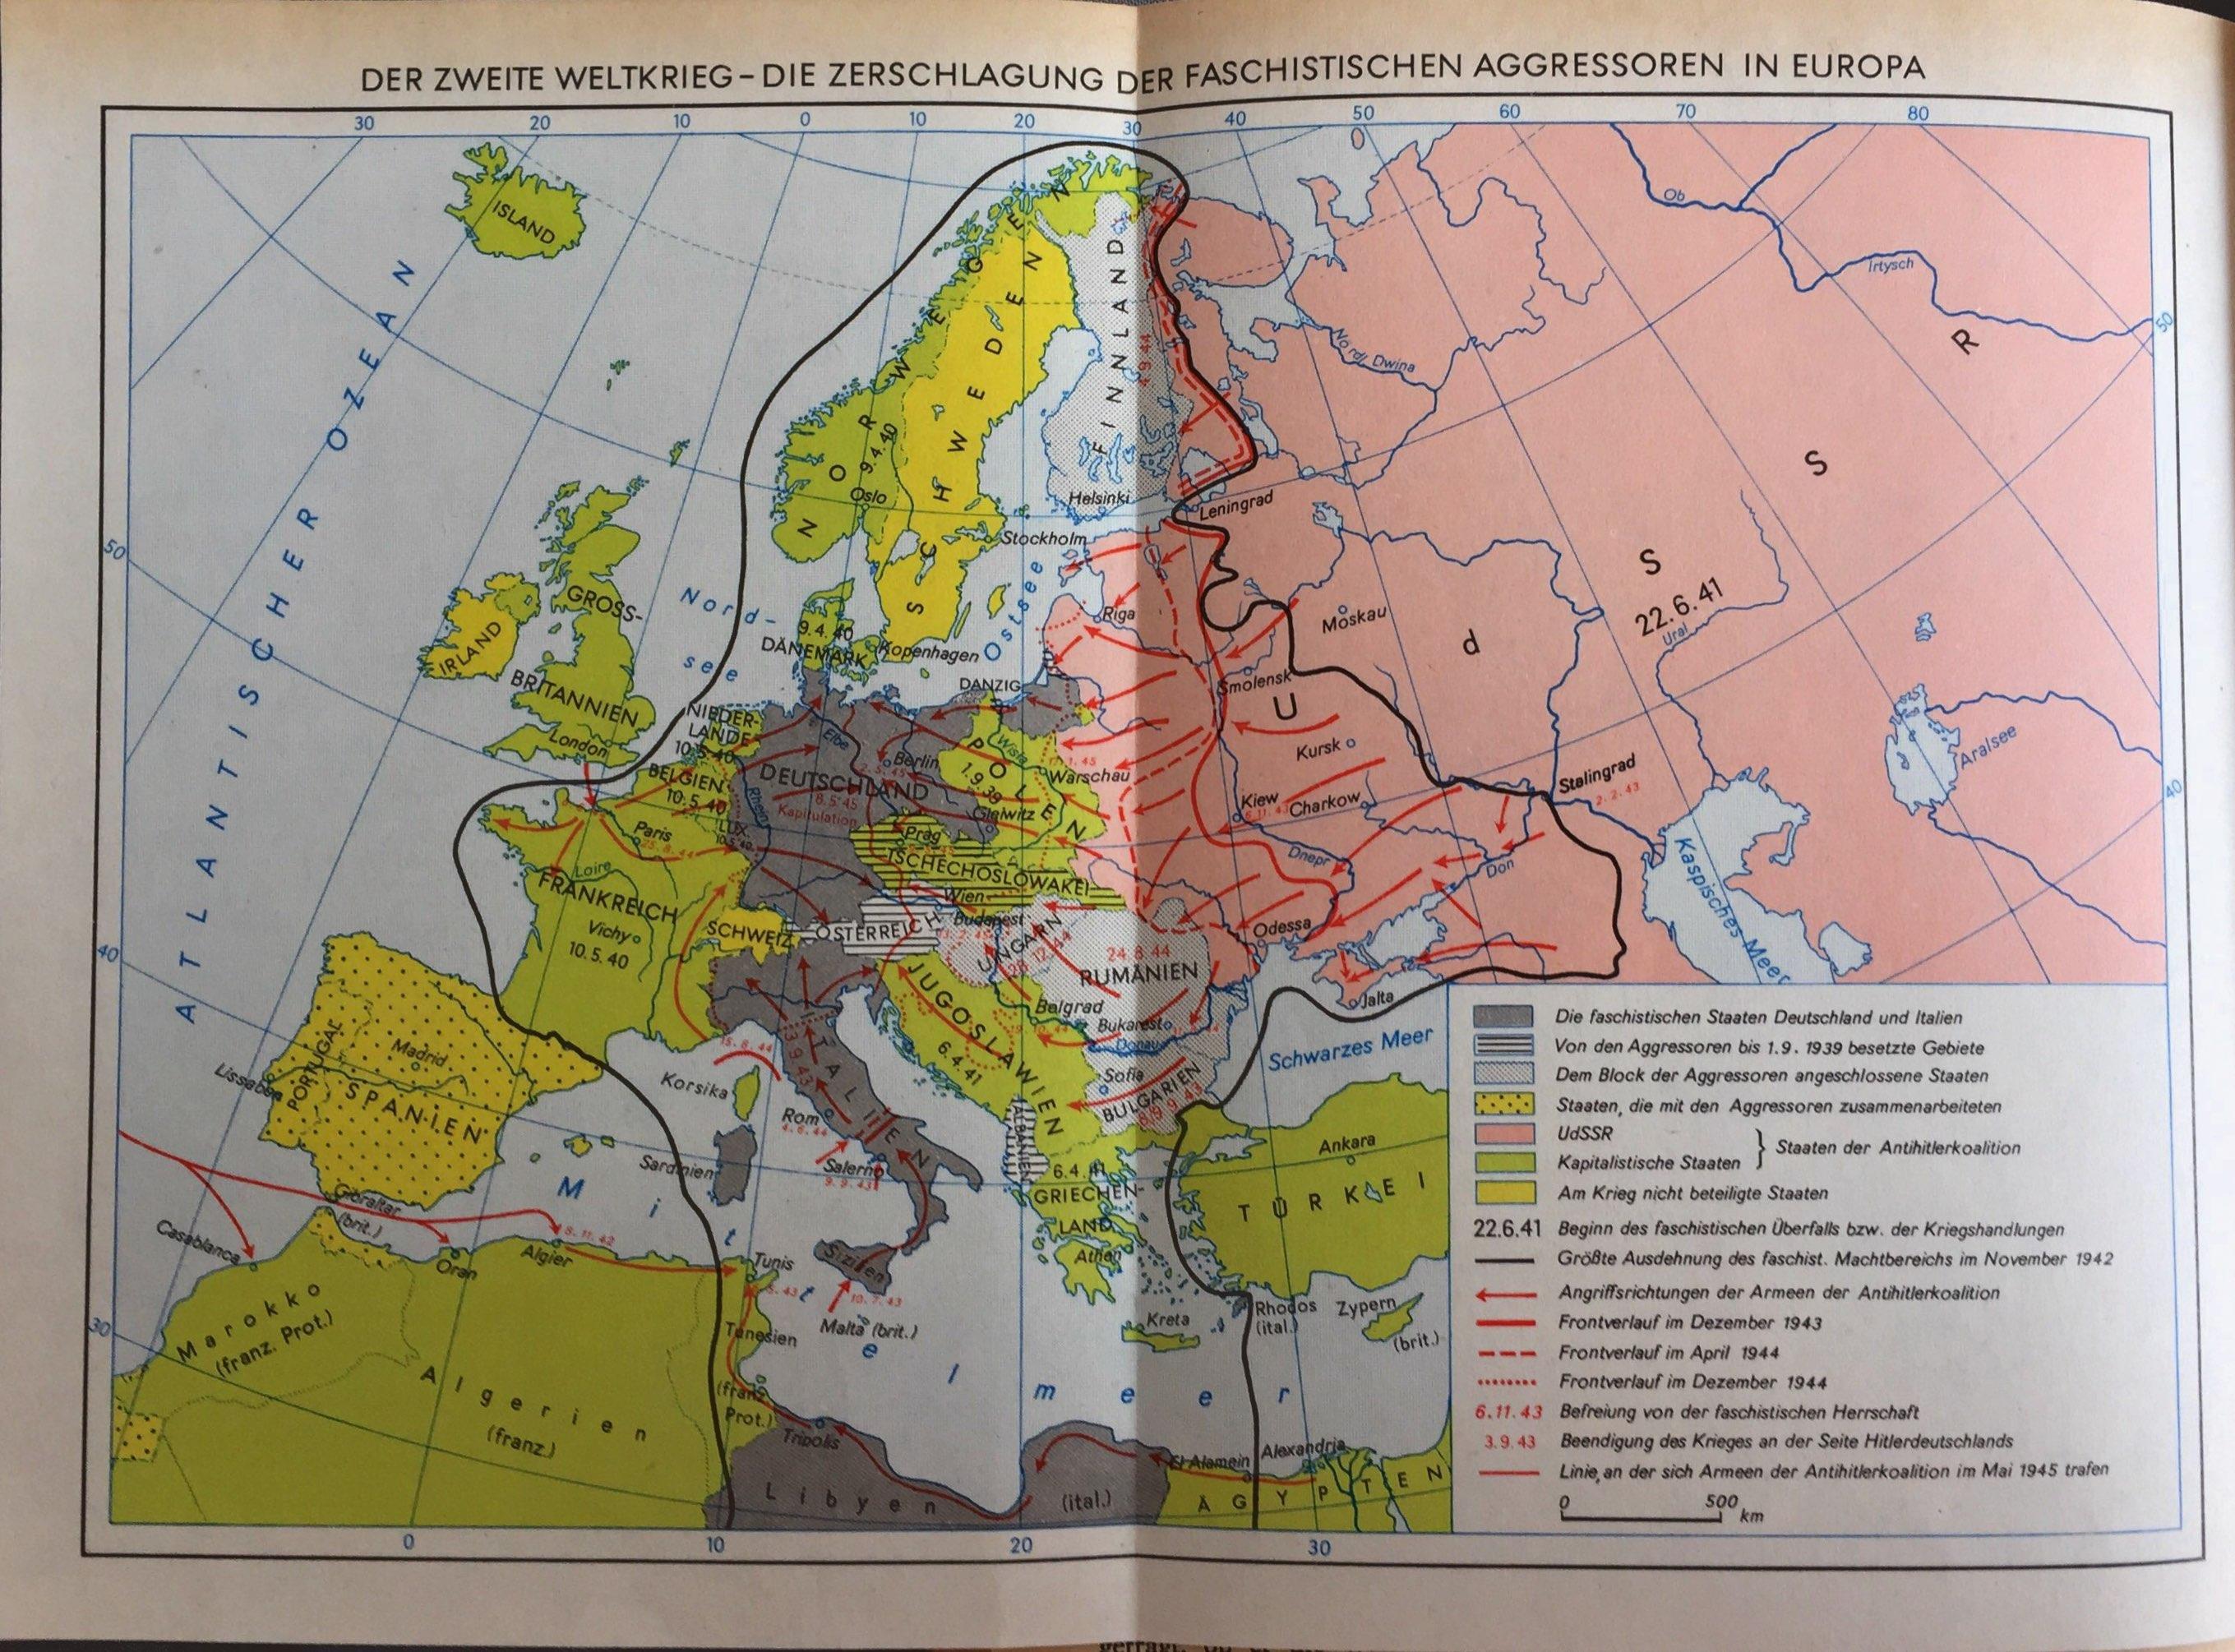 Der II. Weltkrieg_Die Zerschlagung der faschistischen Aggressoren in Europa